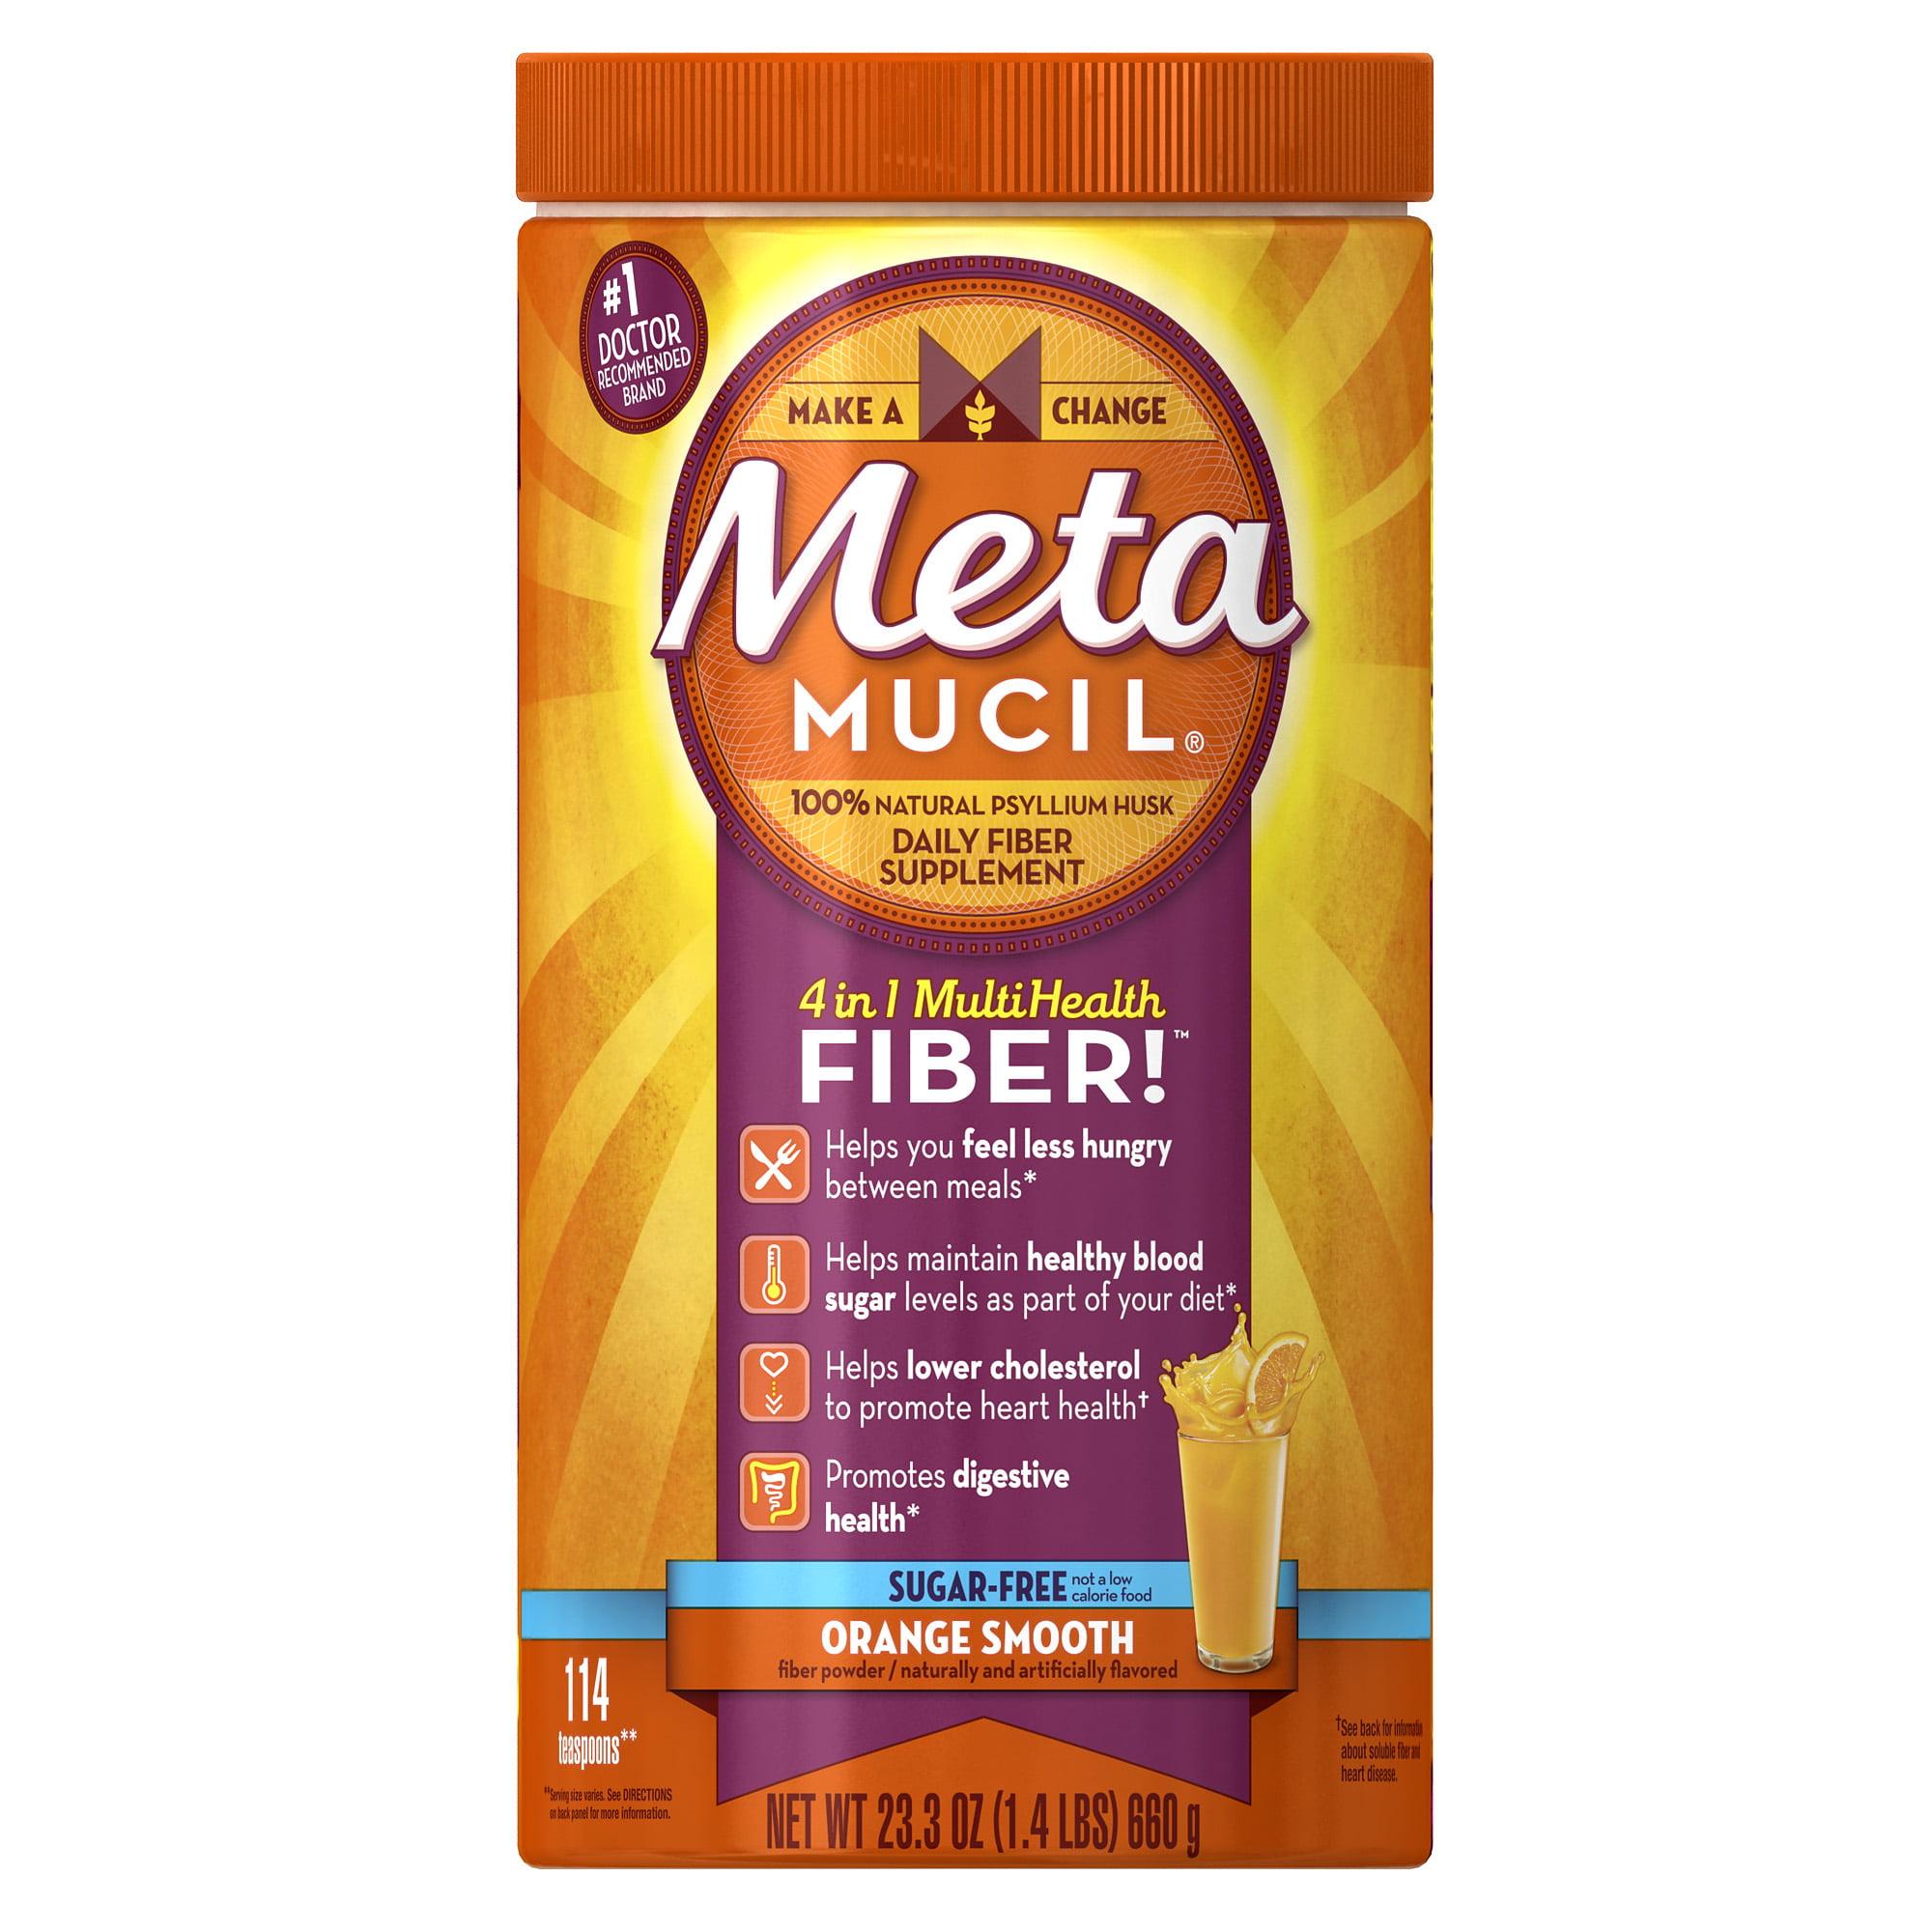 Metamucil Psyllium Fiber Supplement by Meta Orange Smooth Sugar Free Powder 23.3 oz 114 doses